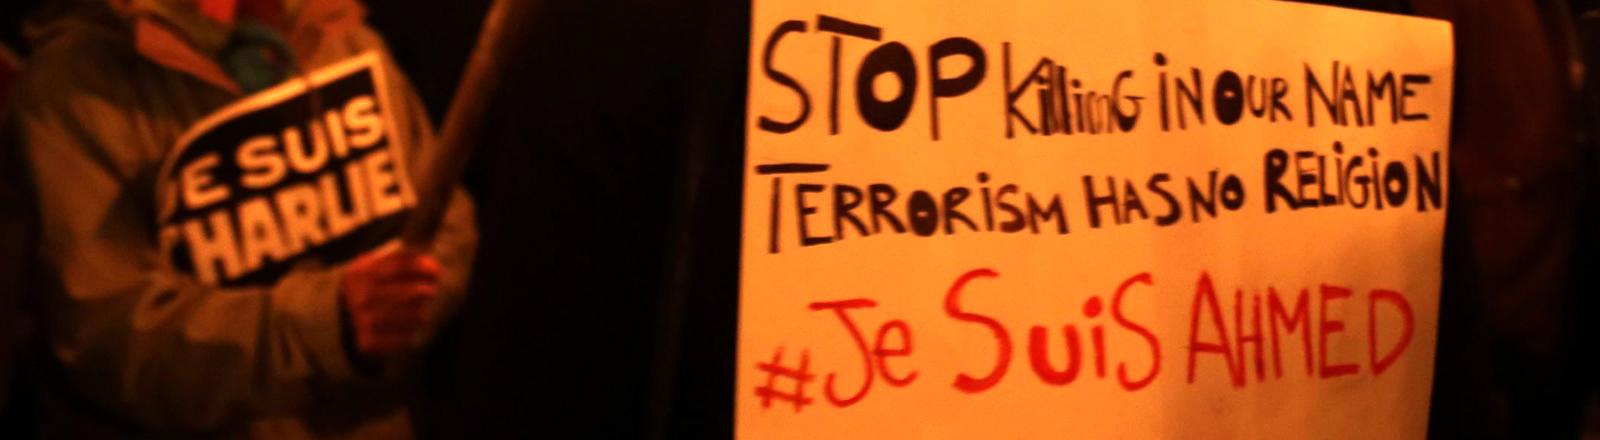 Auf einem Schild steht: Stoppt das Töten in unserem Namen. Terrorismus hat keine Religion. Je suis Ahmed